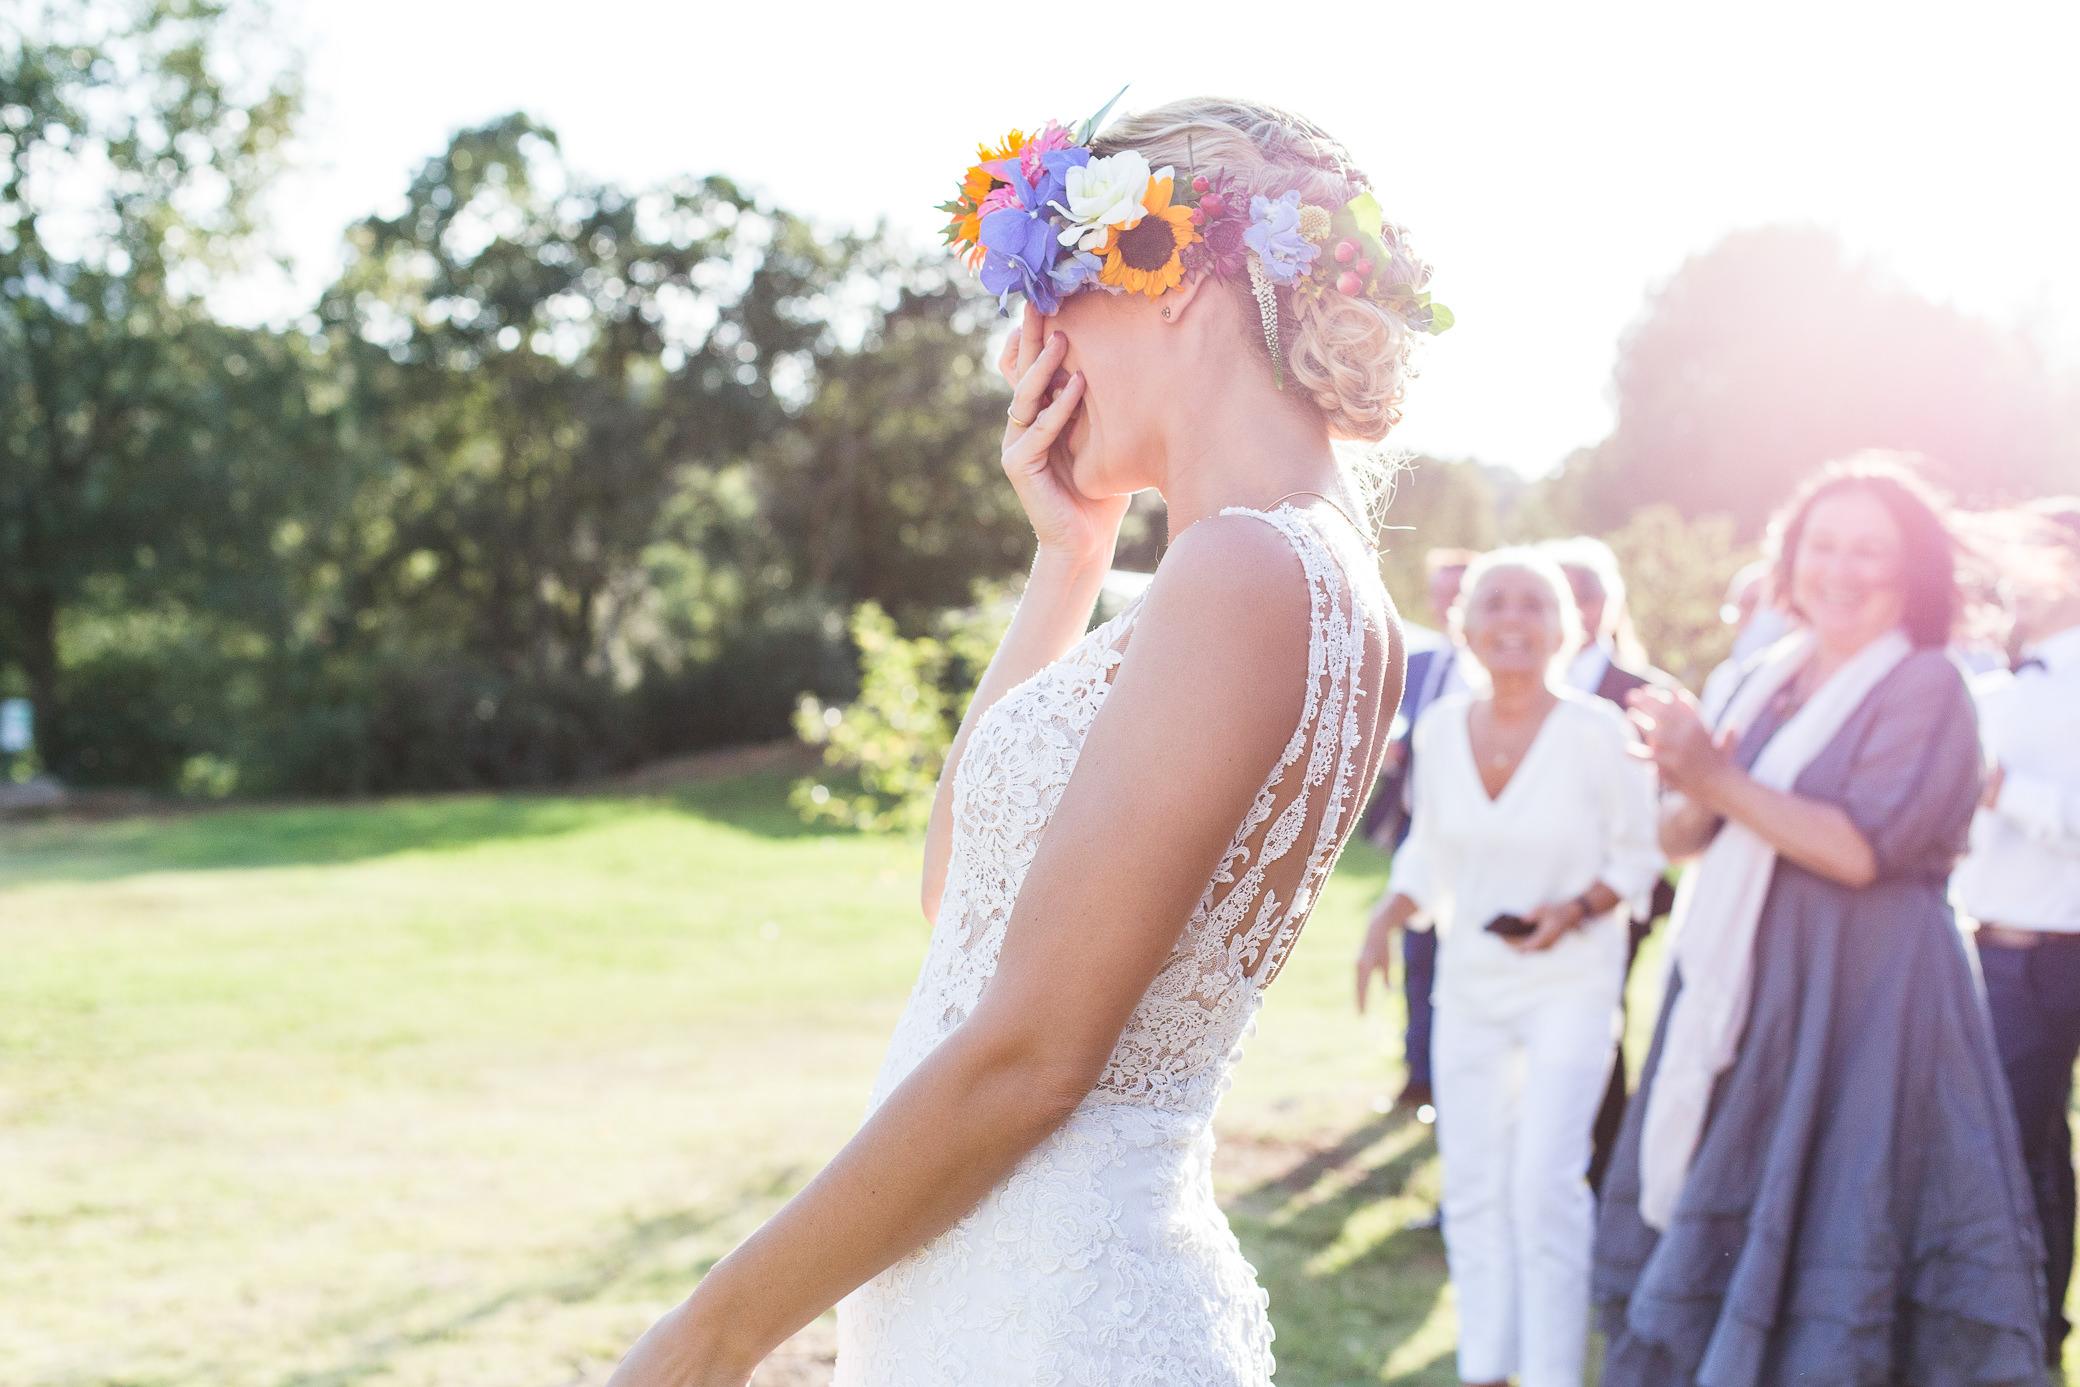 boda-olot-mas-can-batlle-destination-wedding-photografeel-40.jpg